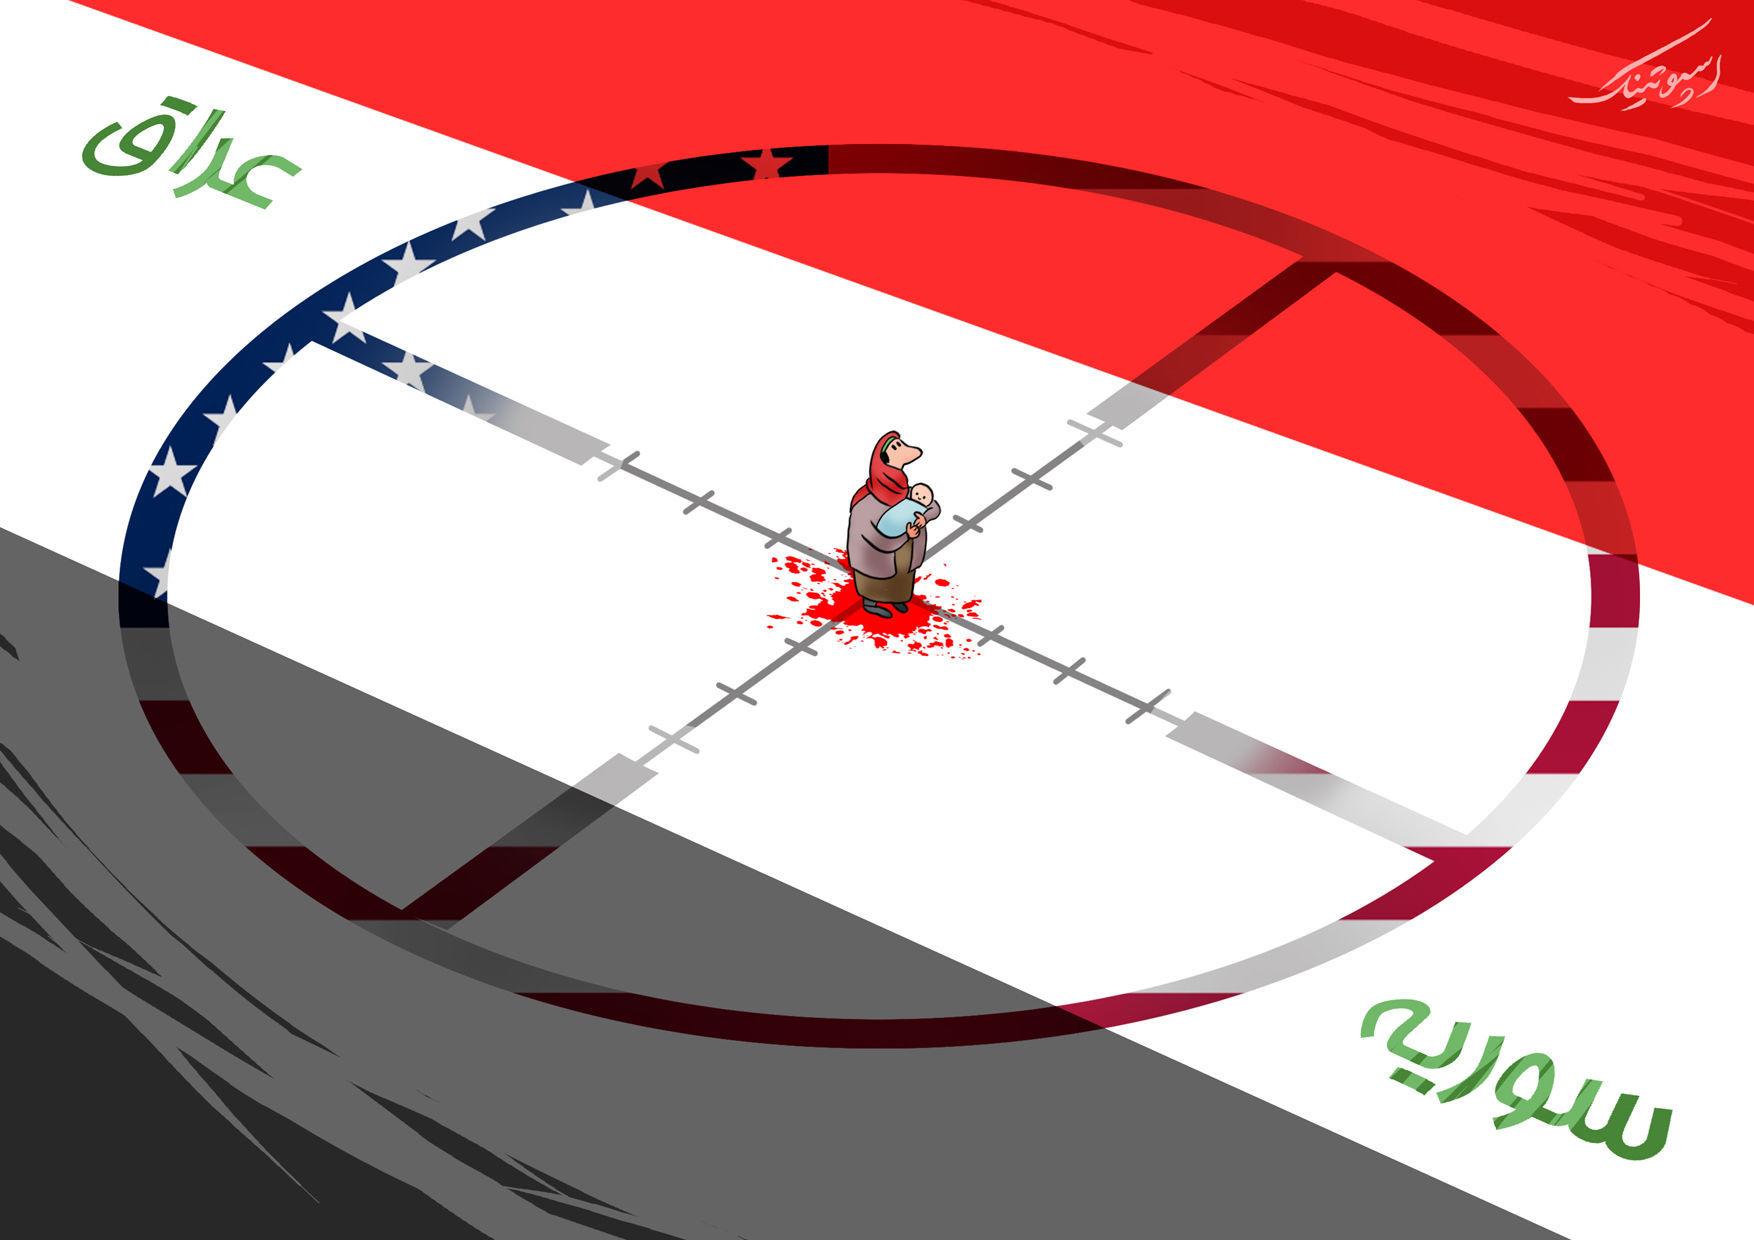 حملات هوایی امریکا در مرزهای عراق و سوریه